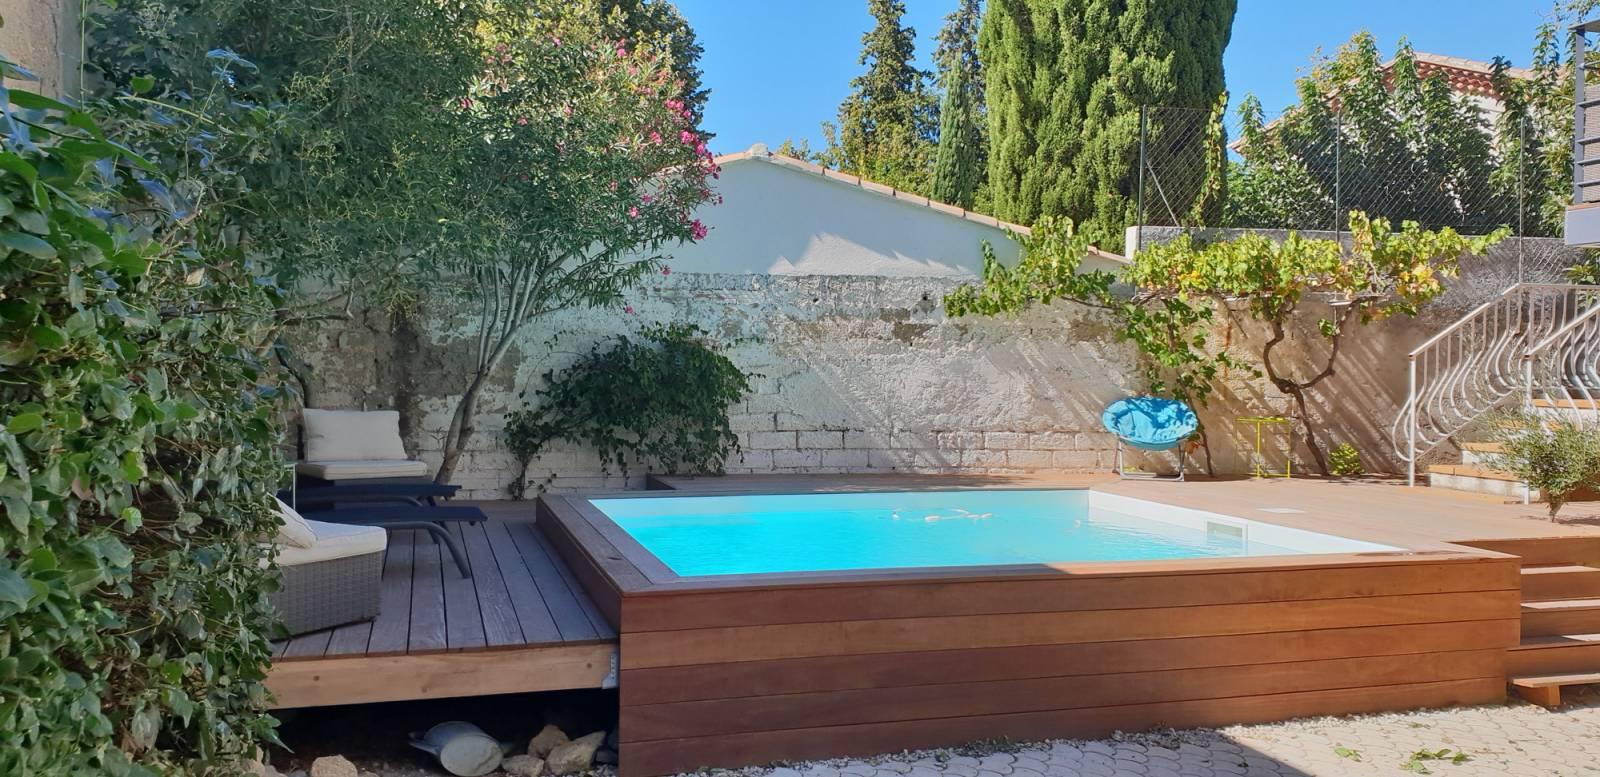 R alisation d 39 une piscine sur mesure en b ton salon de Piscine salon de provence canourgues